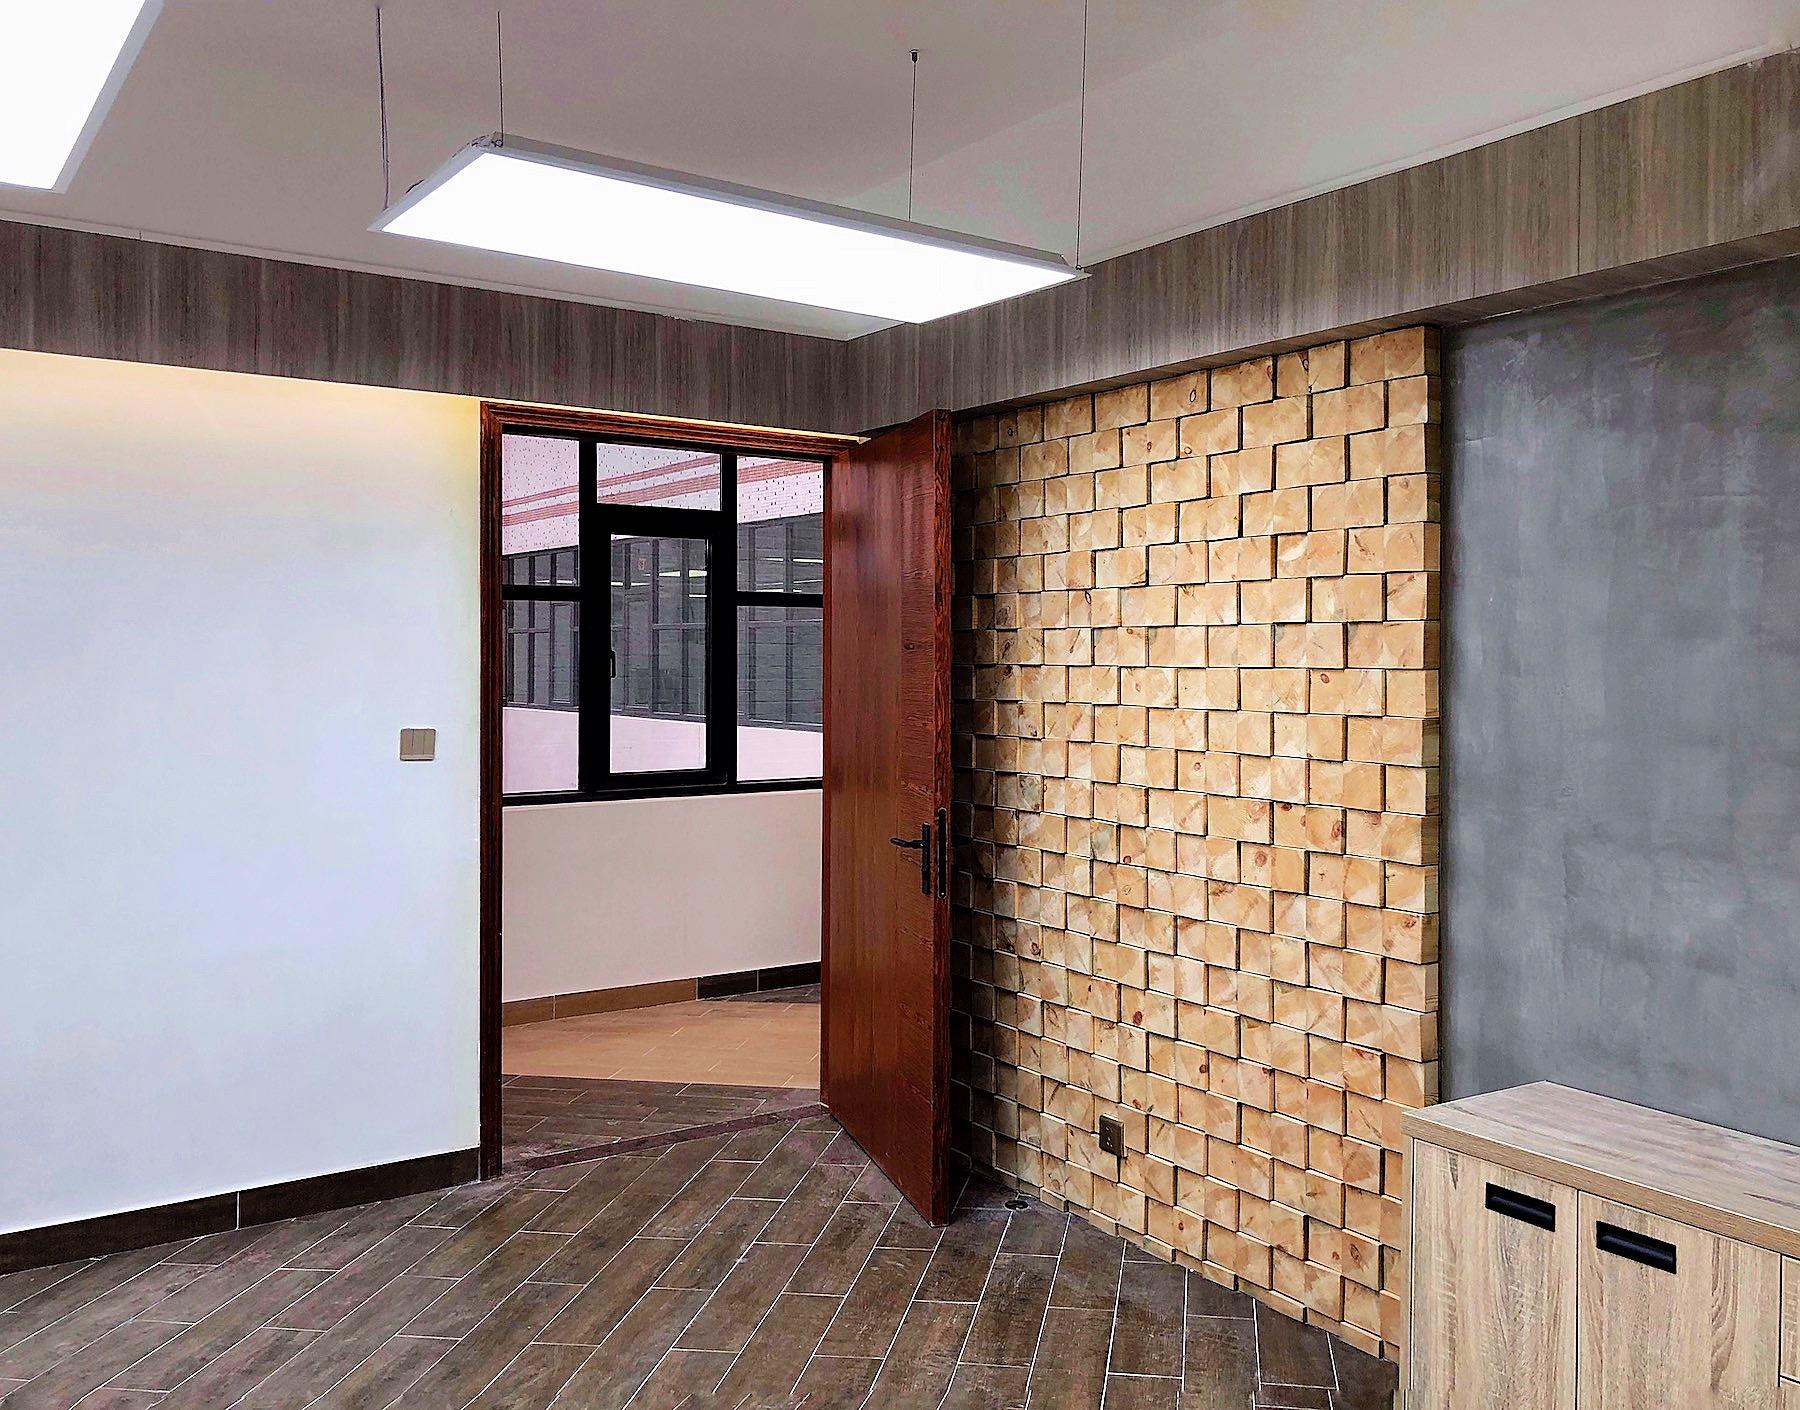 Grandway Office Renovation 2018 Boss Room 003